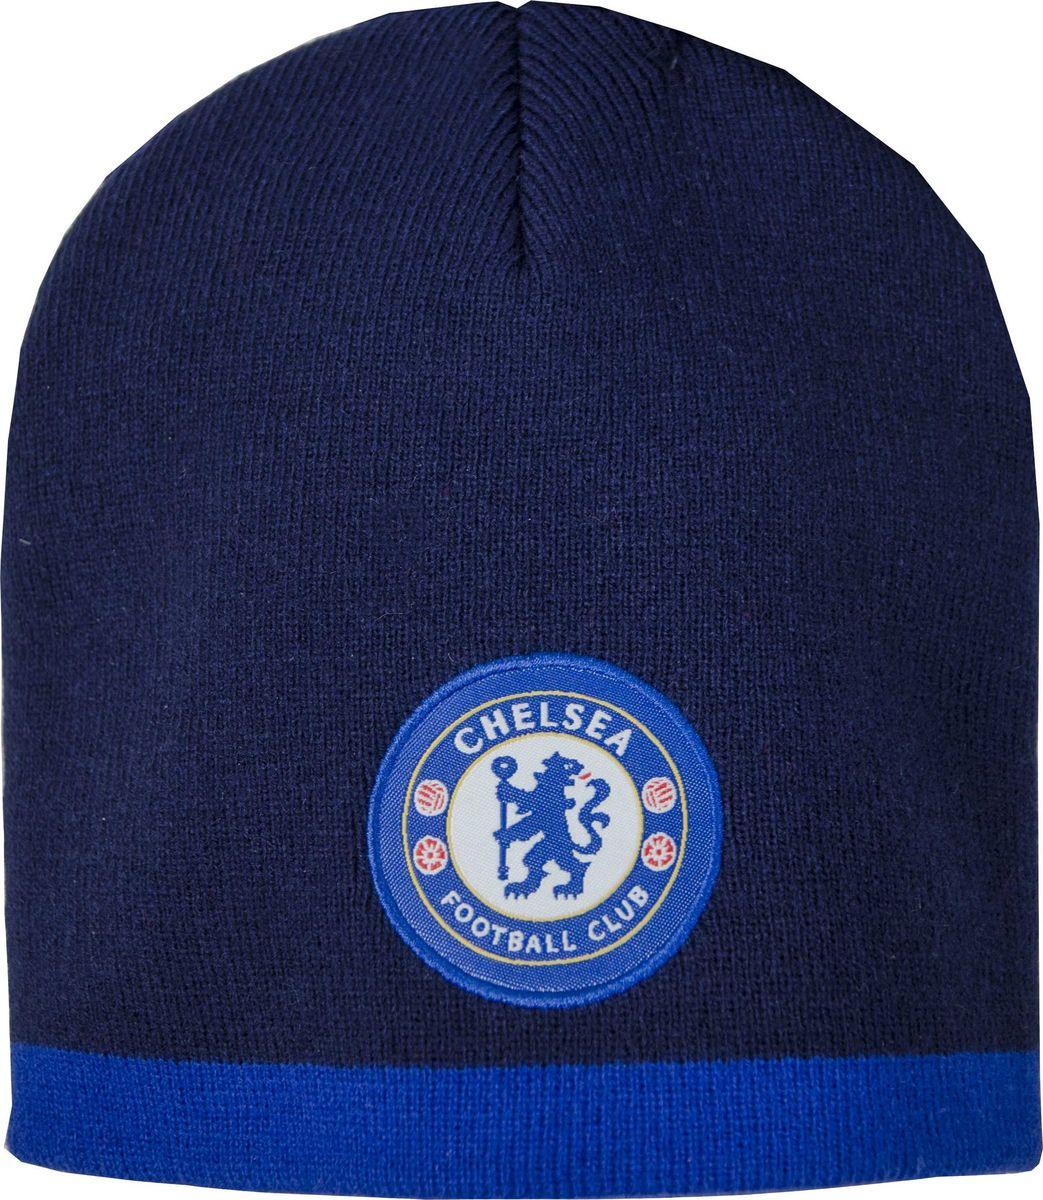 Шапка мужская Atributika & Club Chelsea, цвет: синий. 08011. Размер 55/5808011Классическая шапка Atributika & Club с объемным вышитым логотипом футбольного клуба. Выполнена из 100% акрила. Данная шапка является сертифицированным продуктом футбольного клуба Chelsea, упакована в индивидуальную упаковку, защищена голограммой, имеет уникальный штрих код.